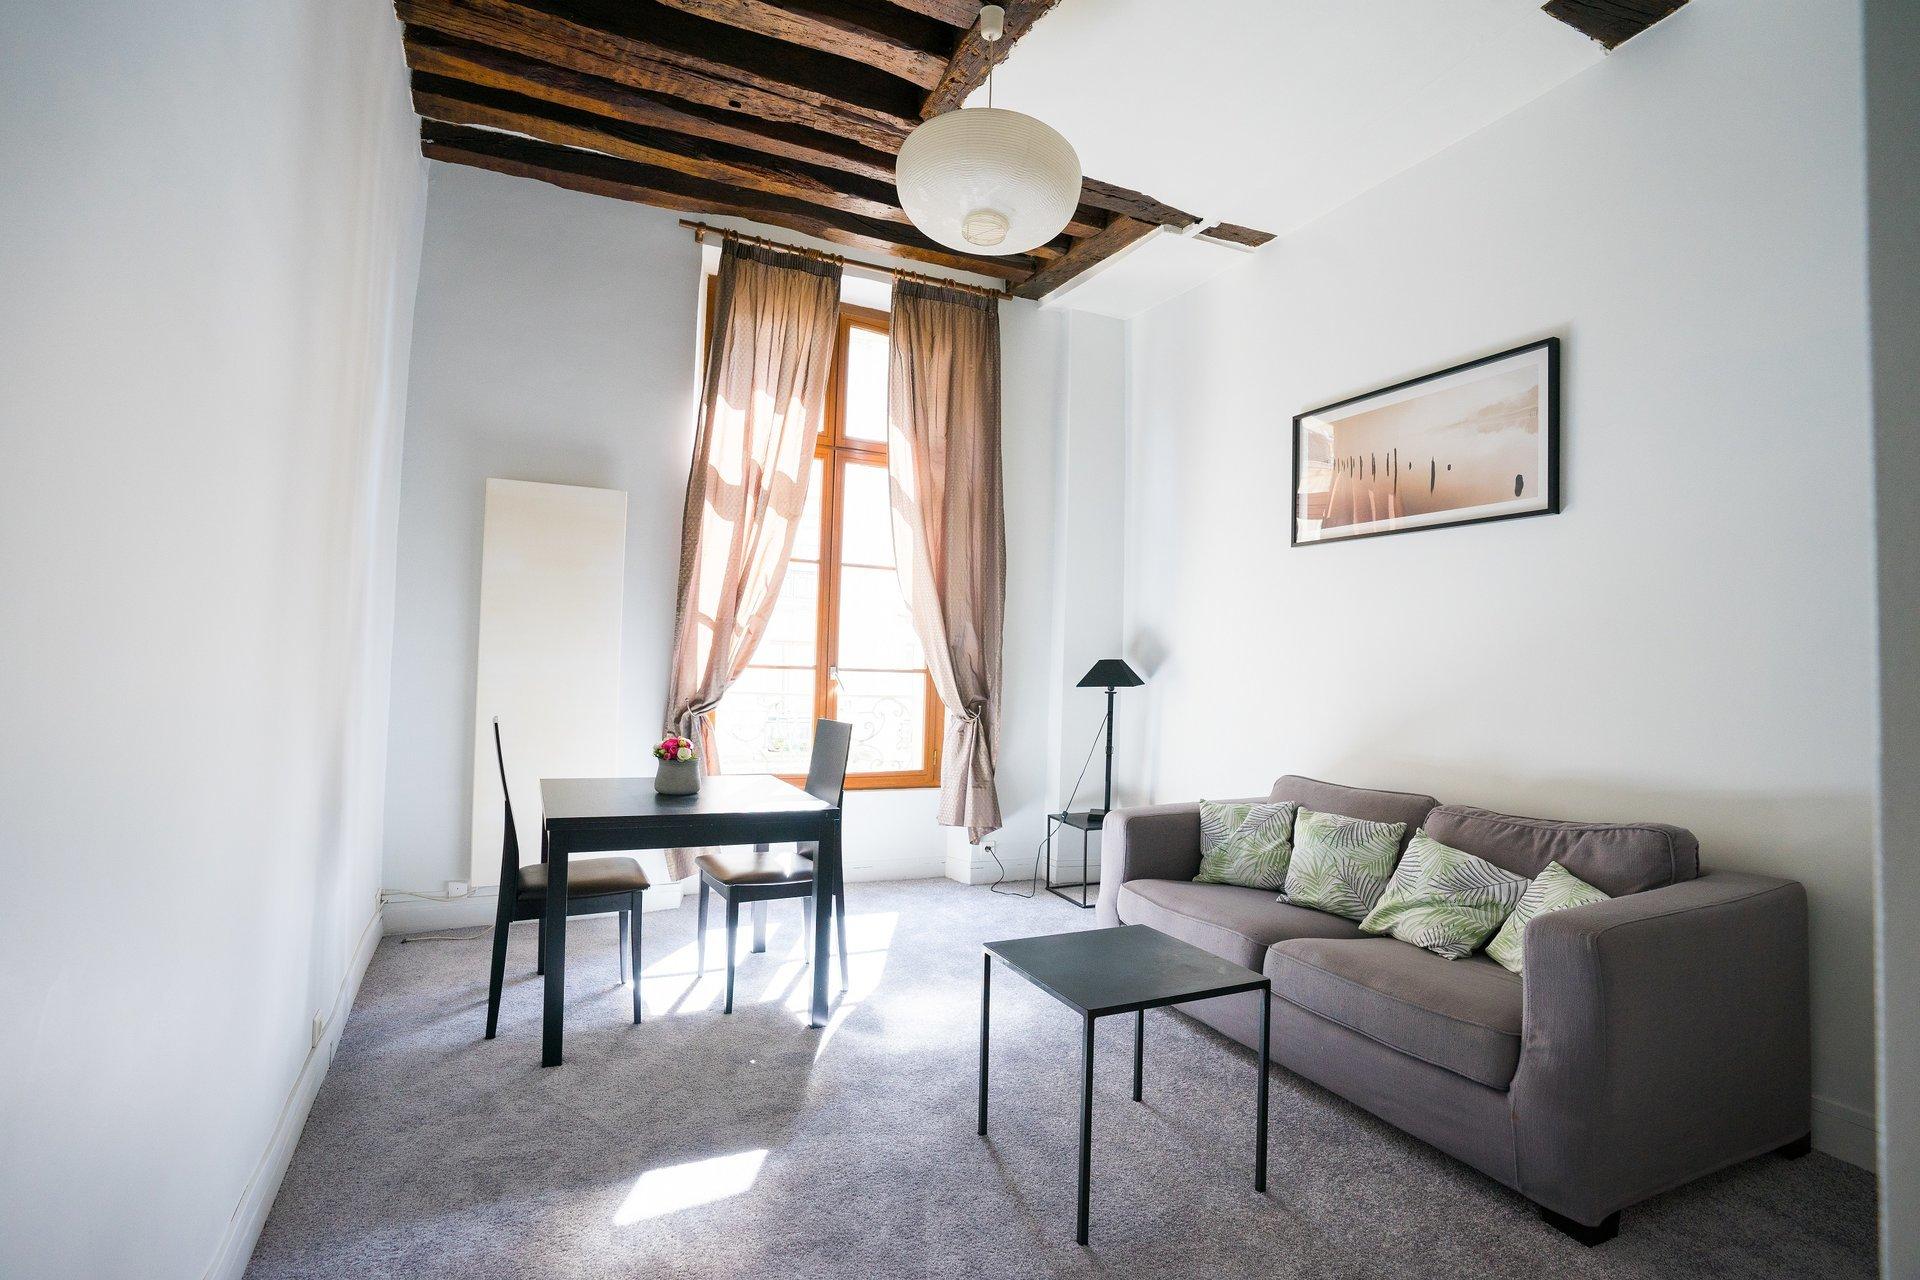 Sale Apartment - Paris 6th (Paris 6ème) Saint-Germain-des-Prés